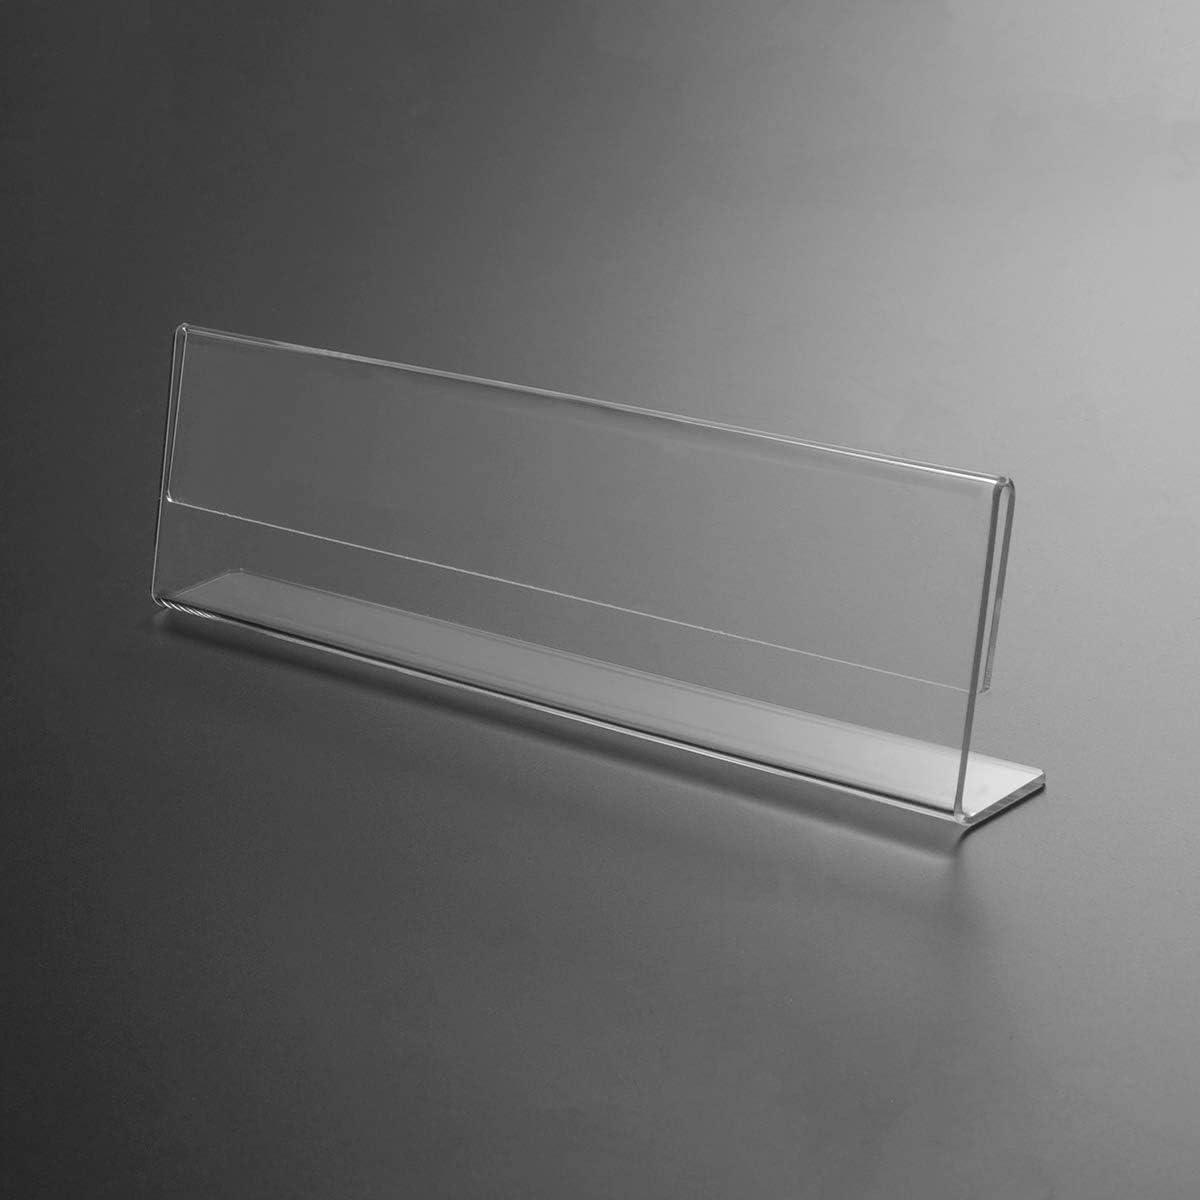 environ 5.08 cm 10 pièces Signe Titulaire avec horizontal de plaque Nom Acrylique Transparent 8 x 2 in